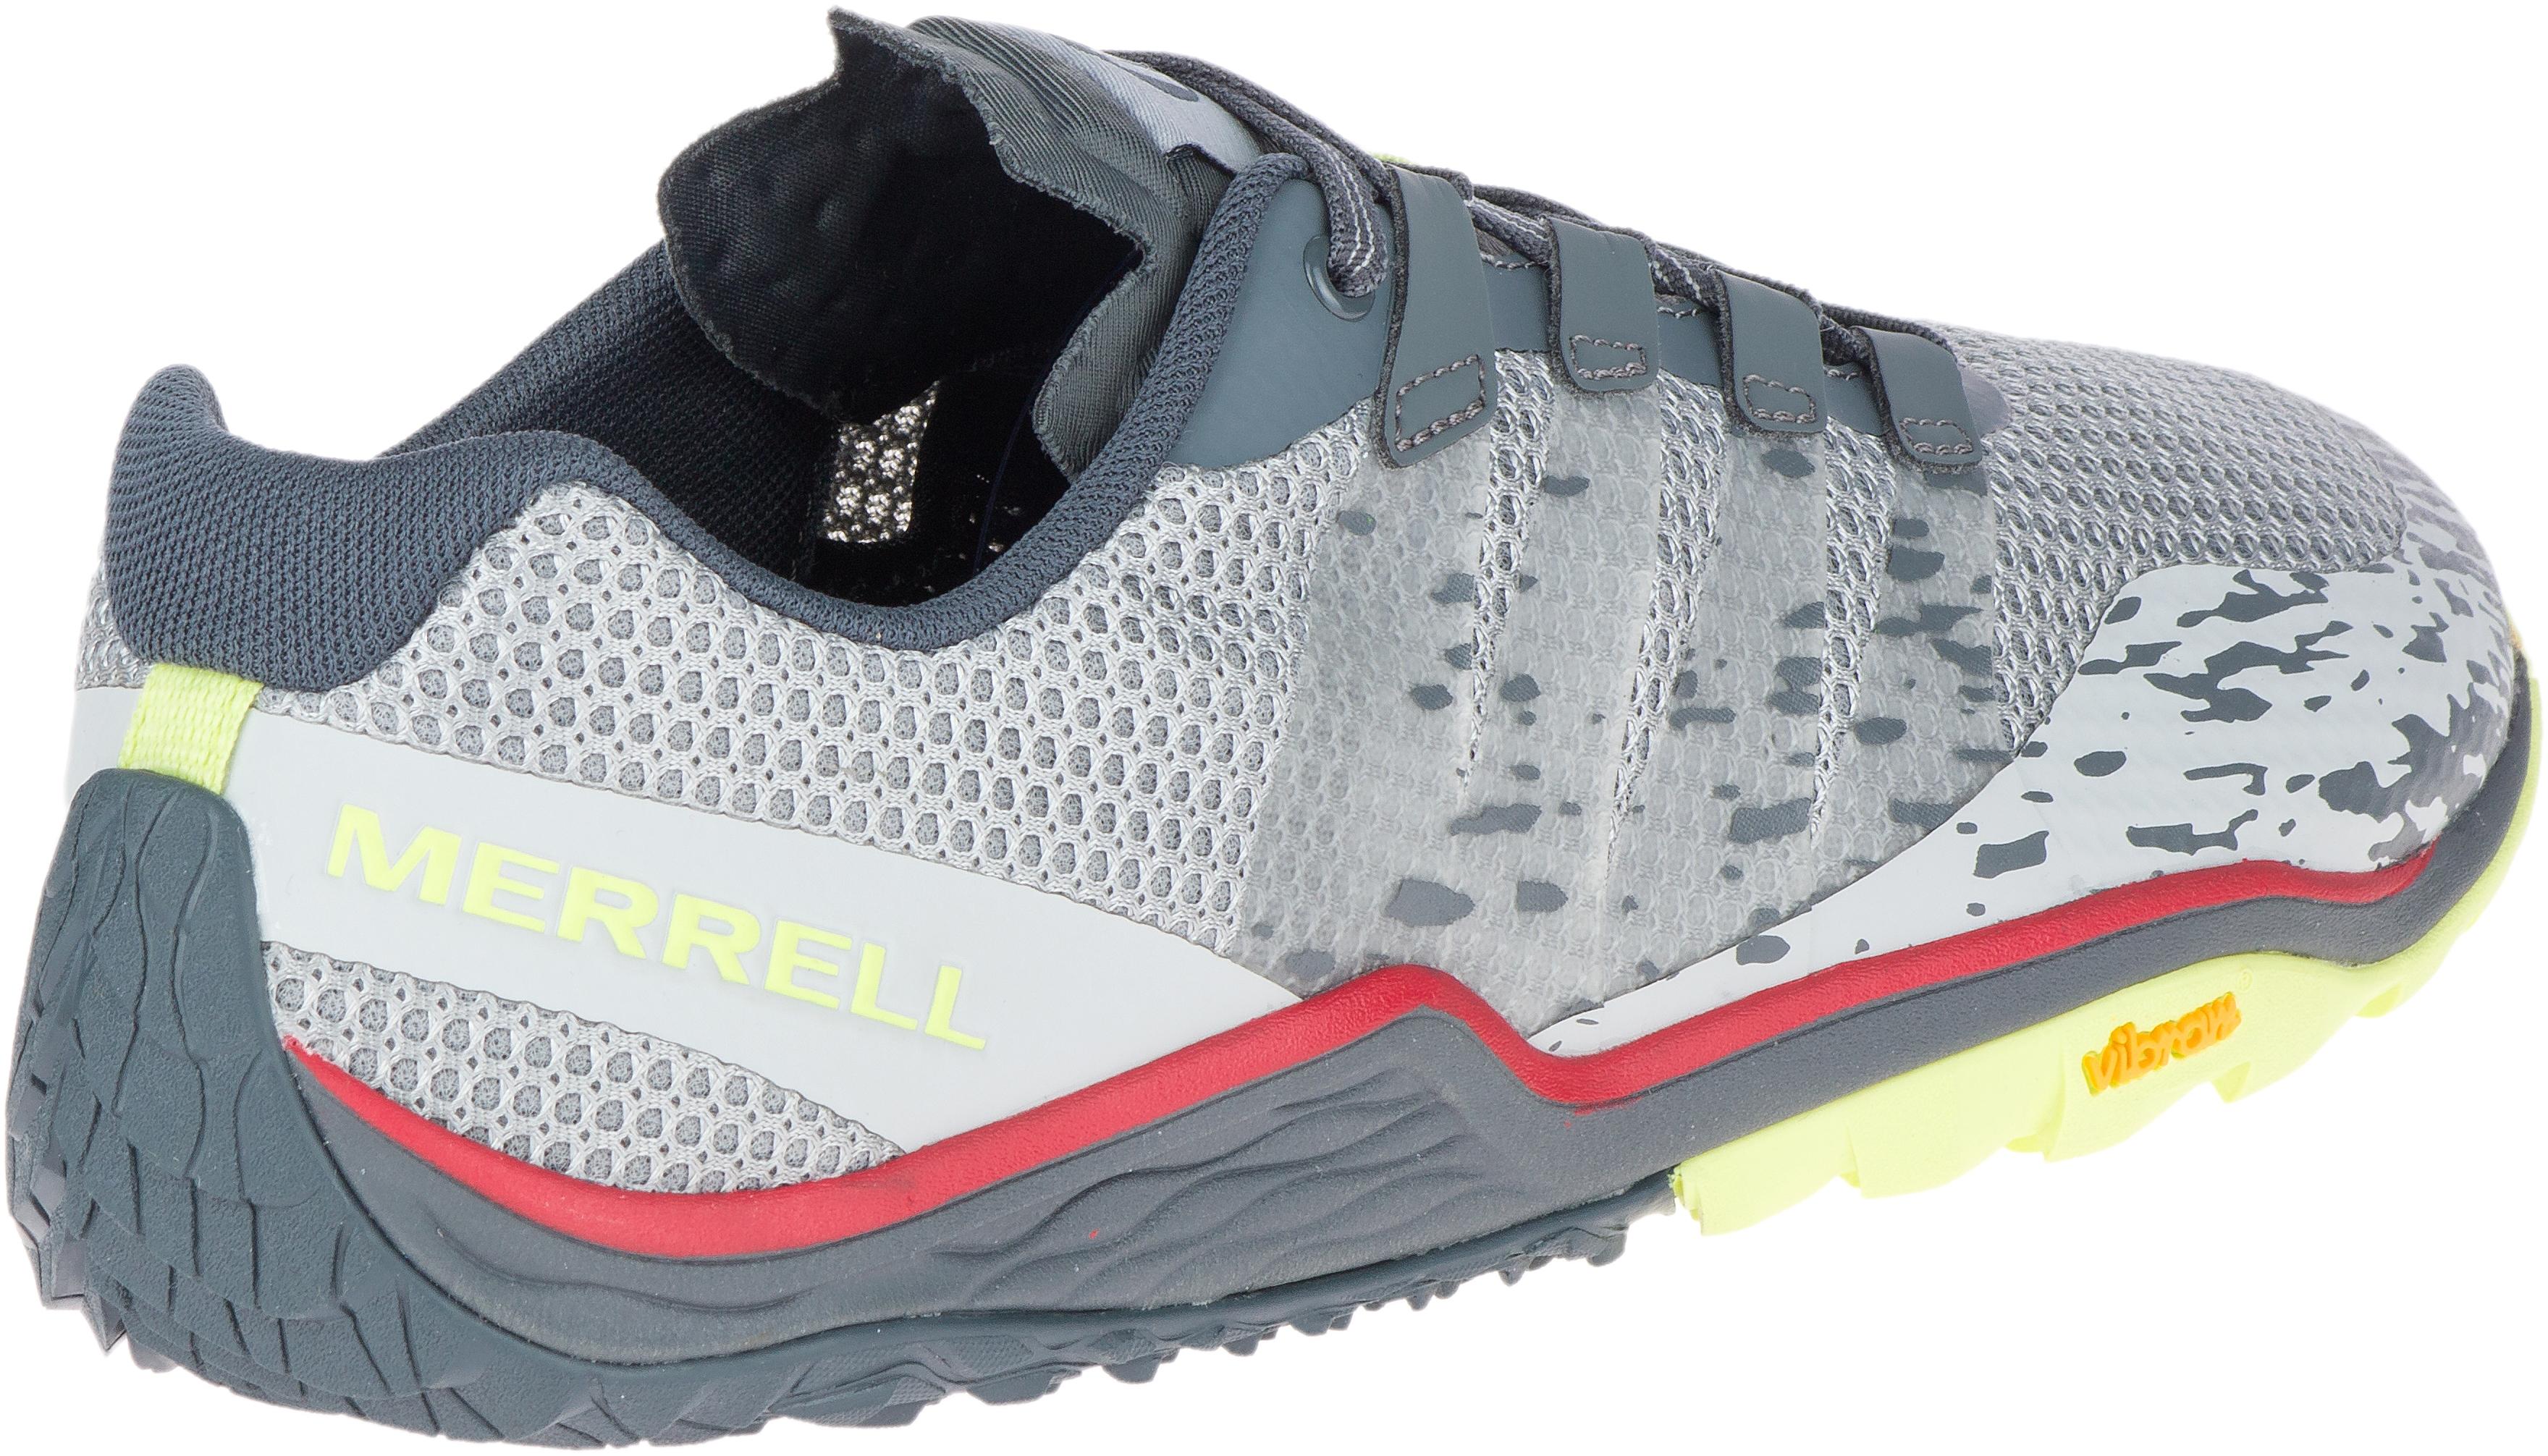 Trail Glove 5, High Rise